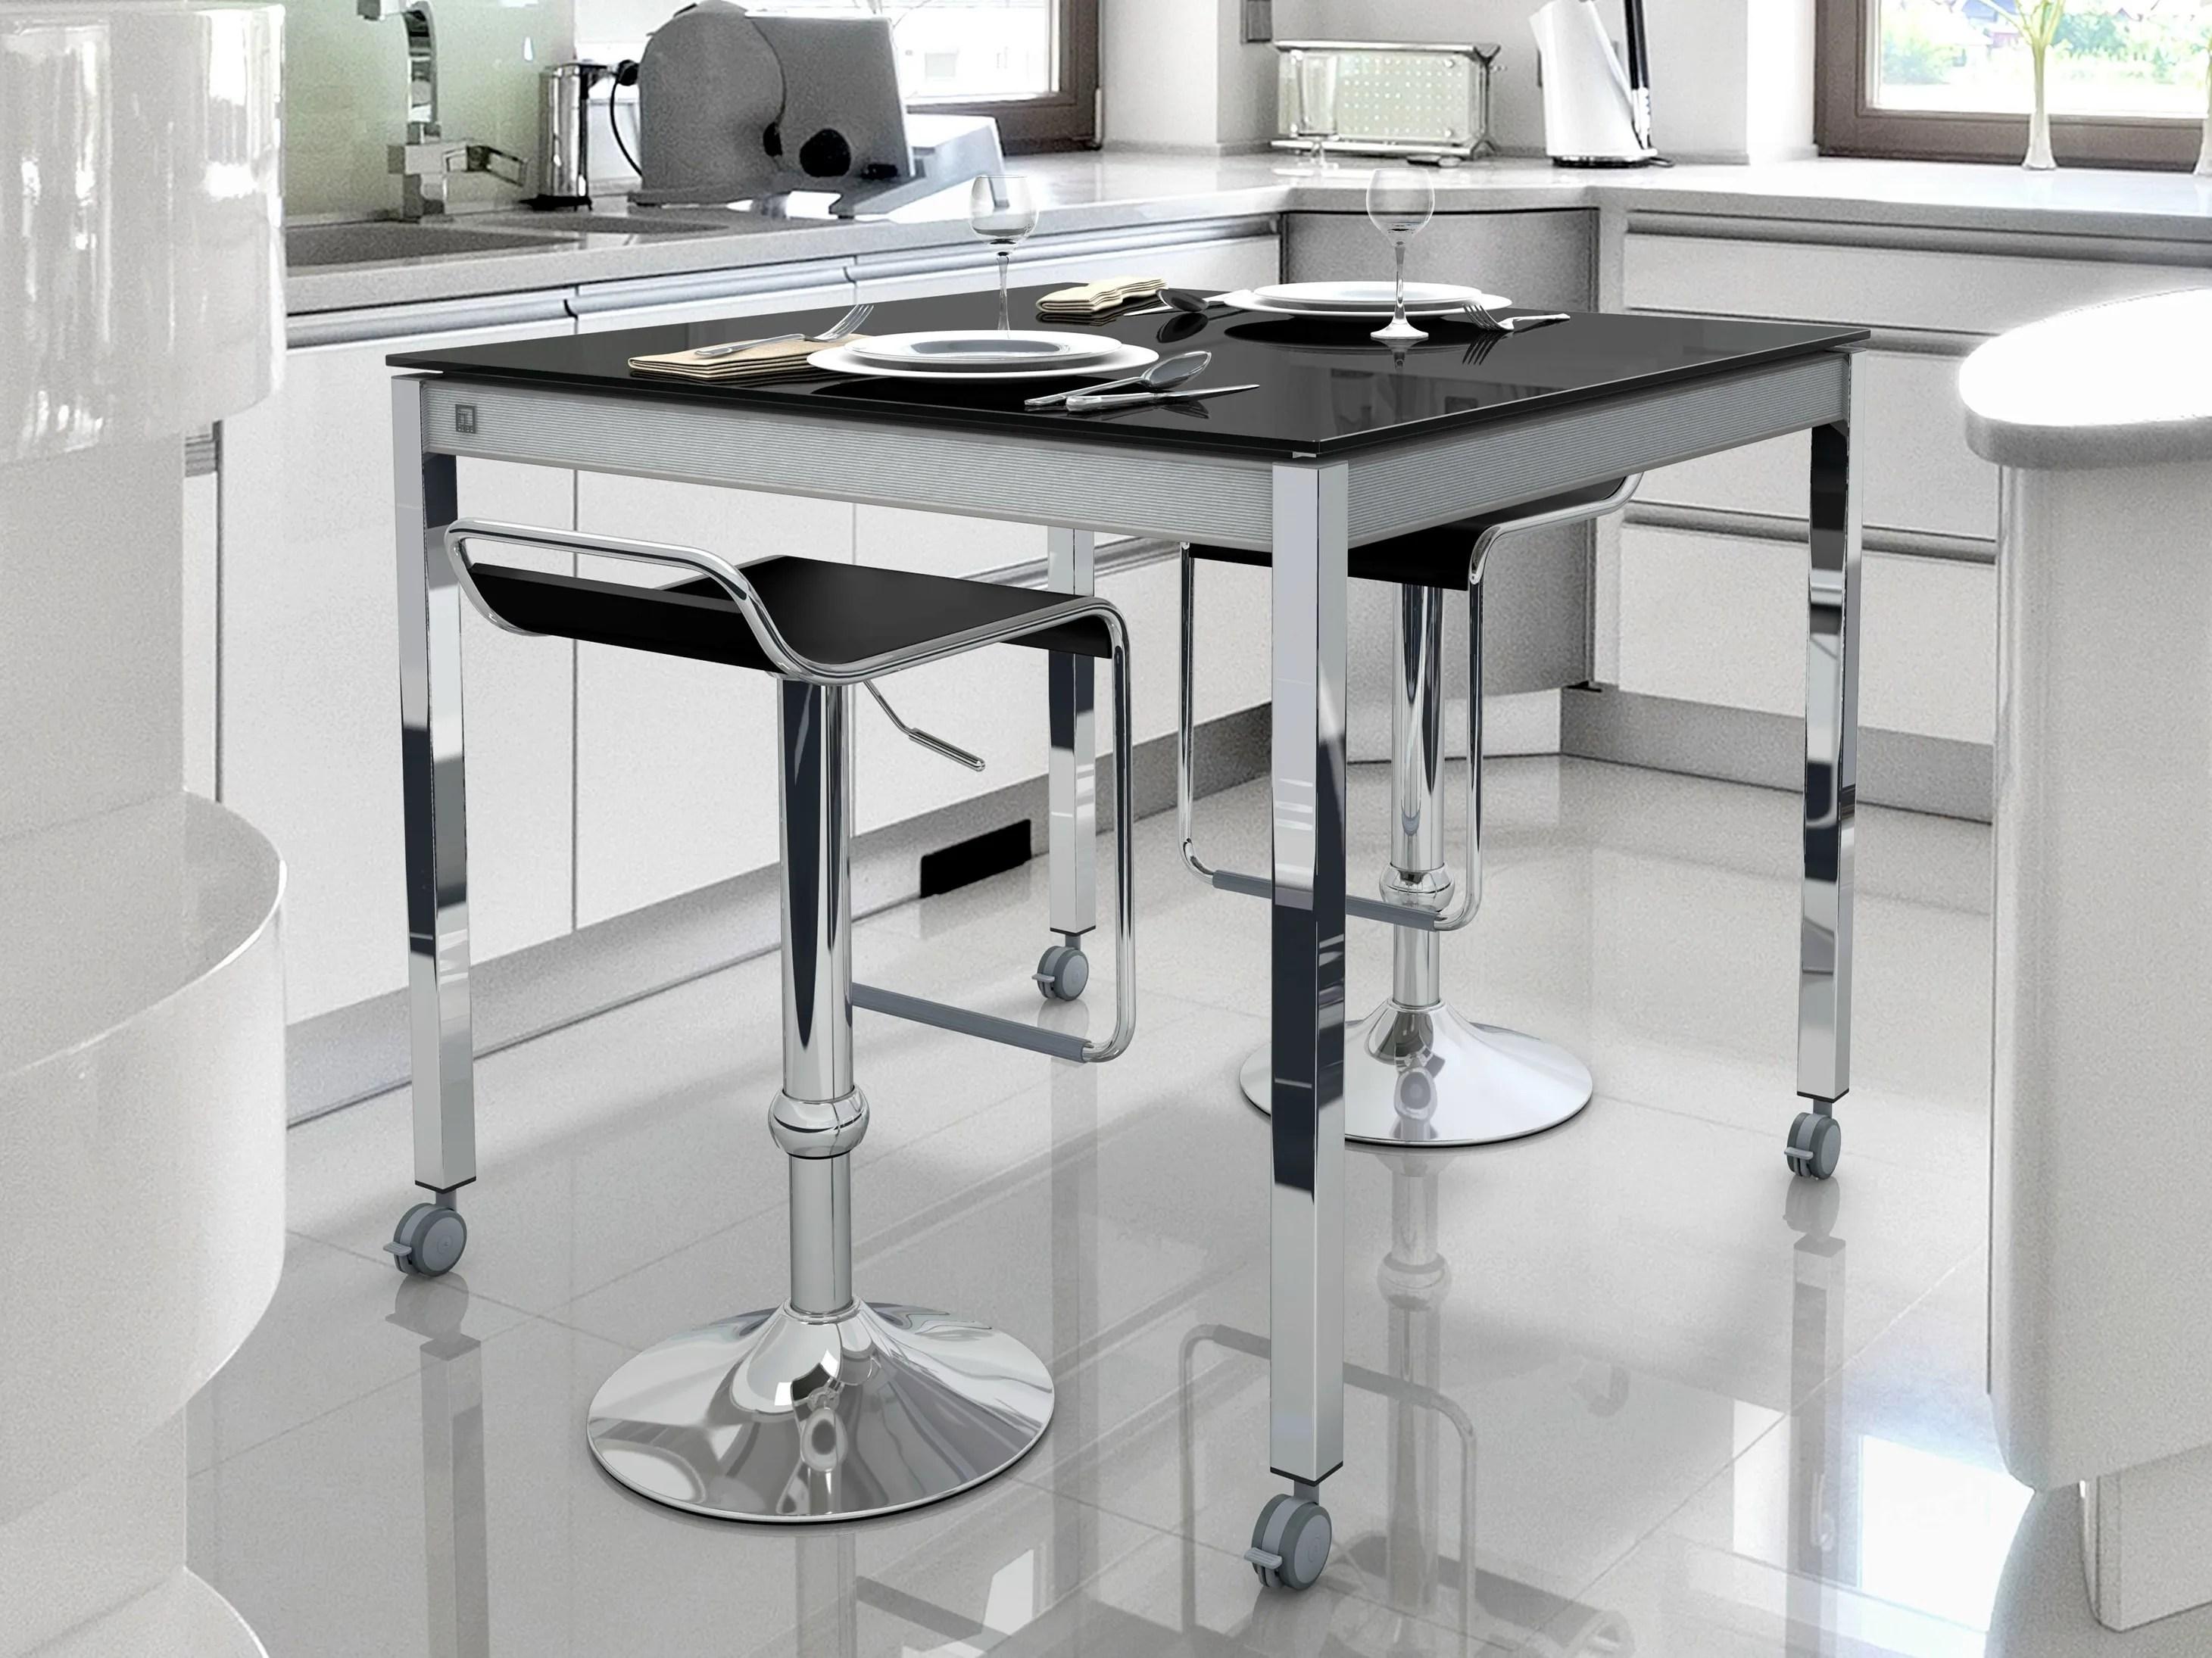 Tavolo con sgabelli cucina idee di penisola cucina fai da te